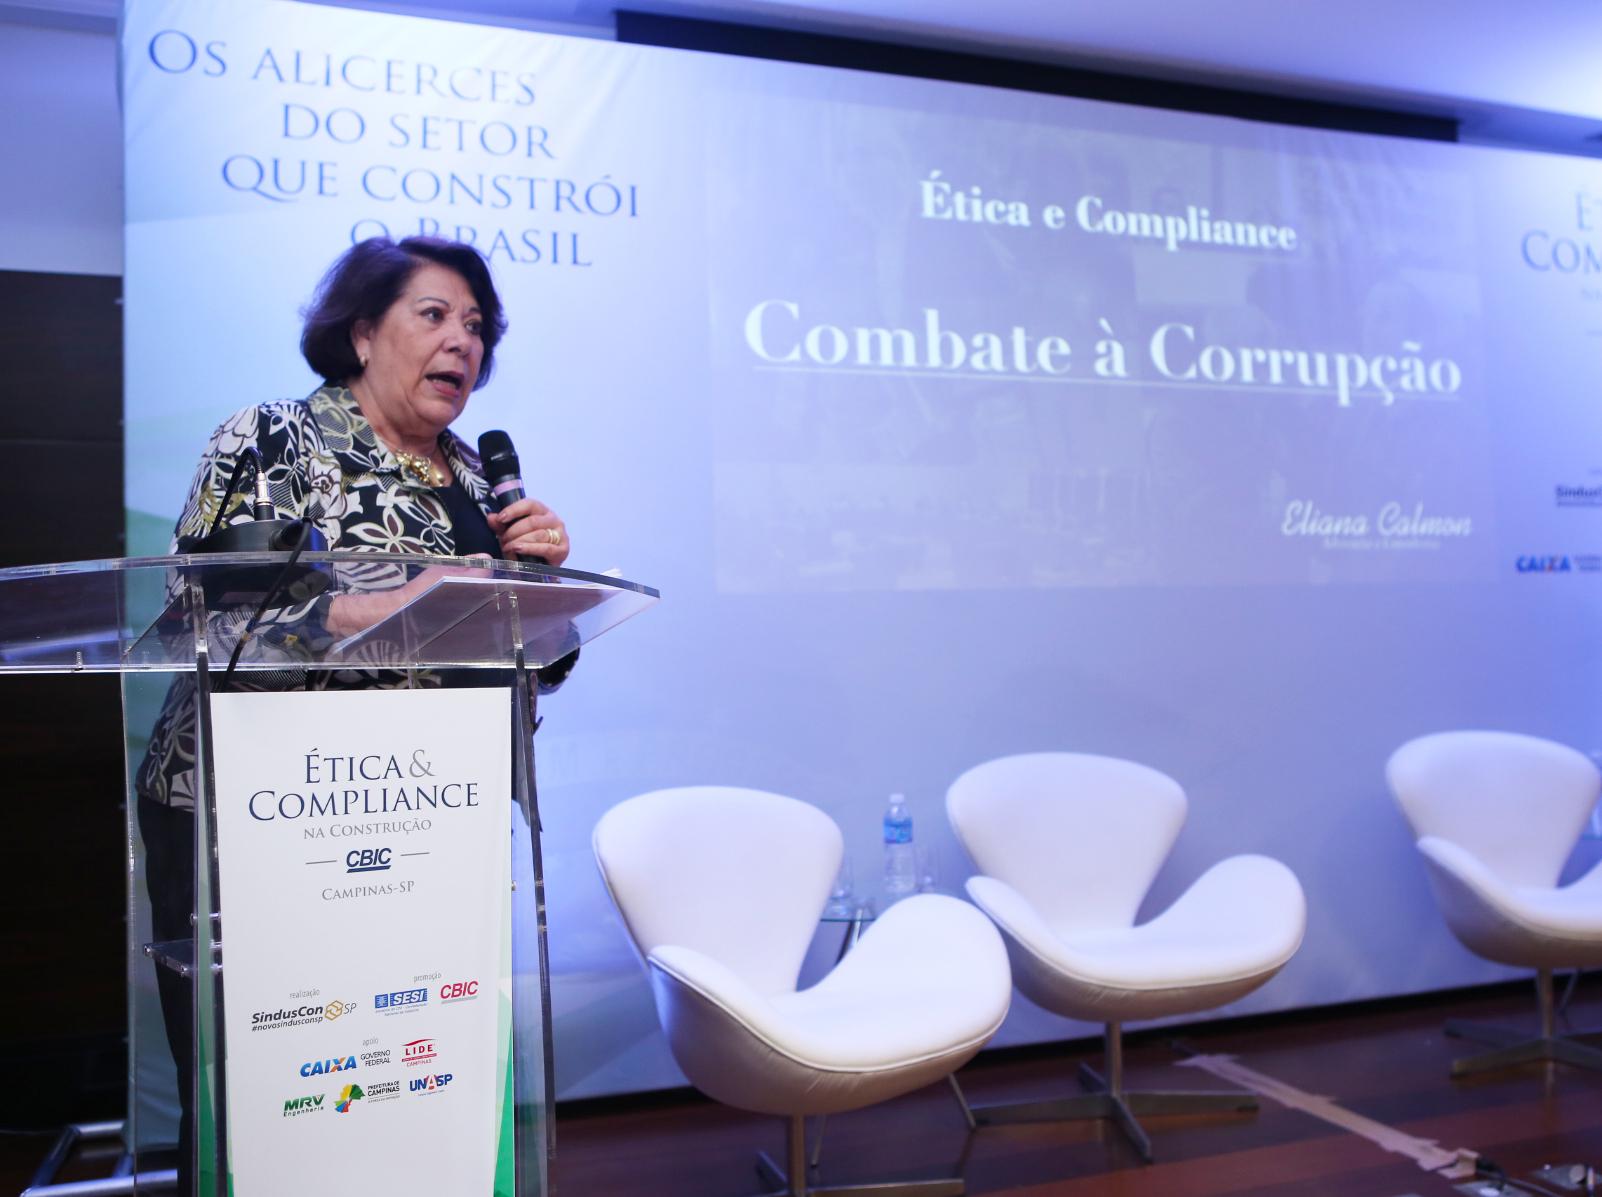 Ética e compliance em Campinas